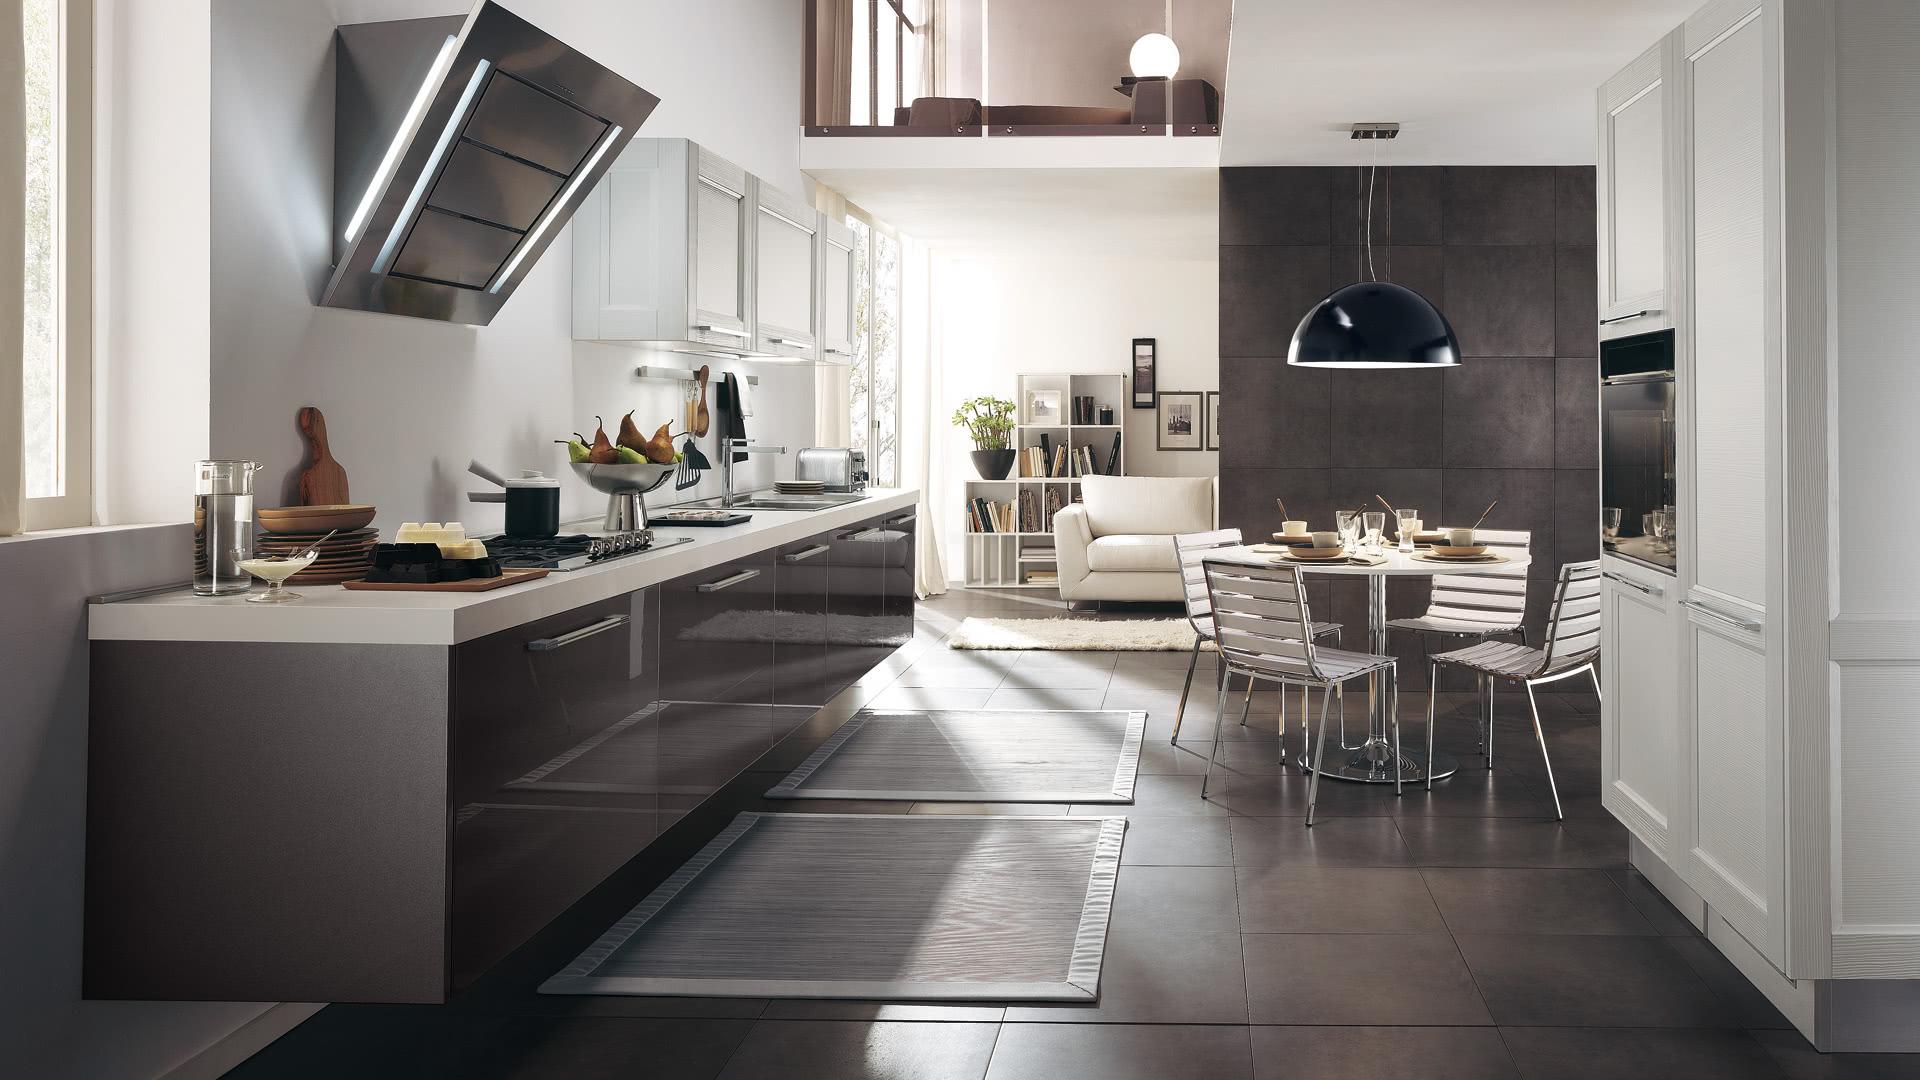 Cucine Lube: Ecco le proposte delle cucine moderne - Casa Live